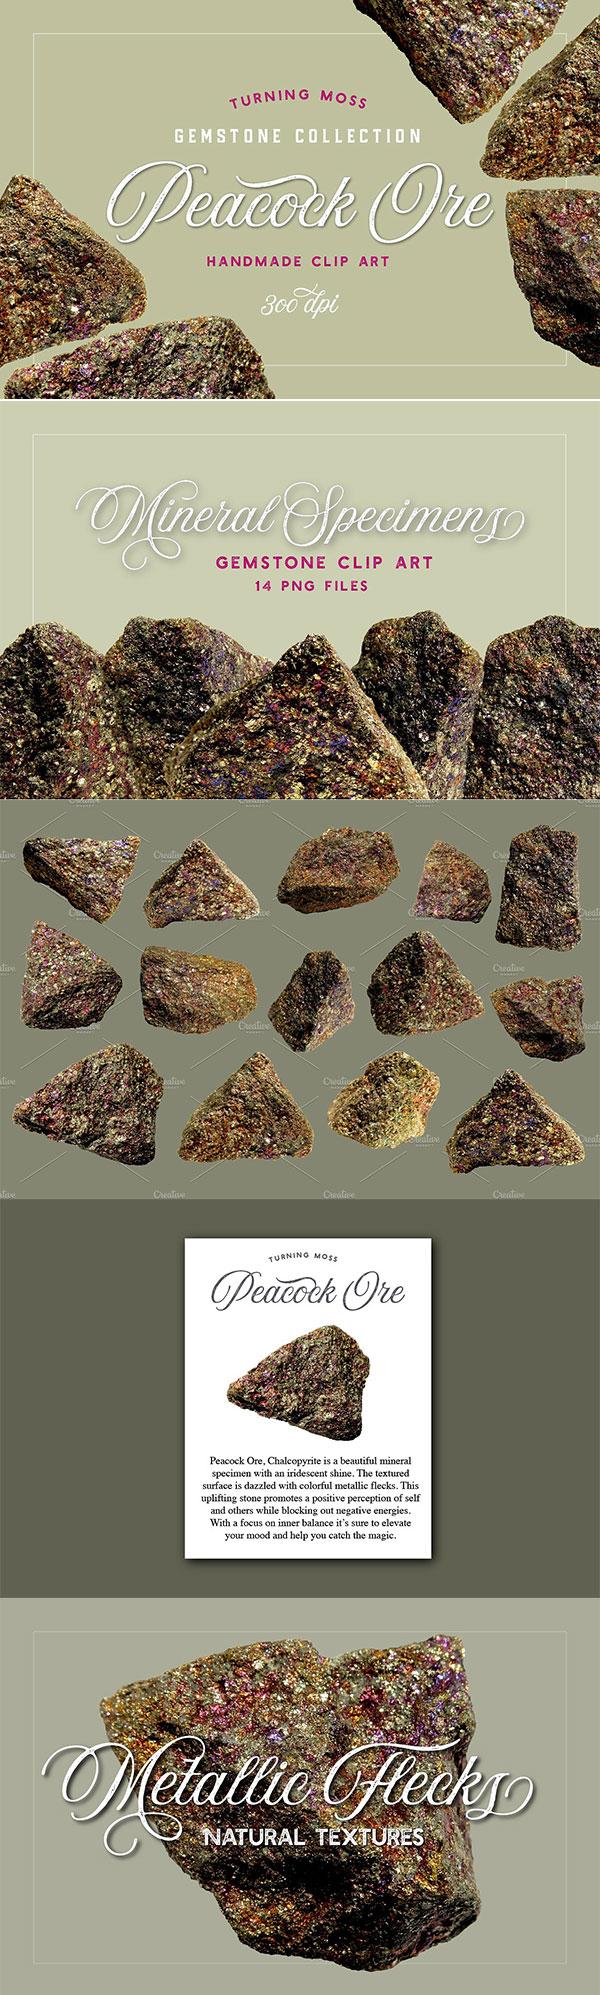 孔雀宝石图片